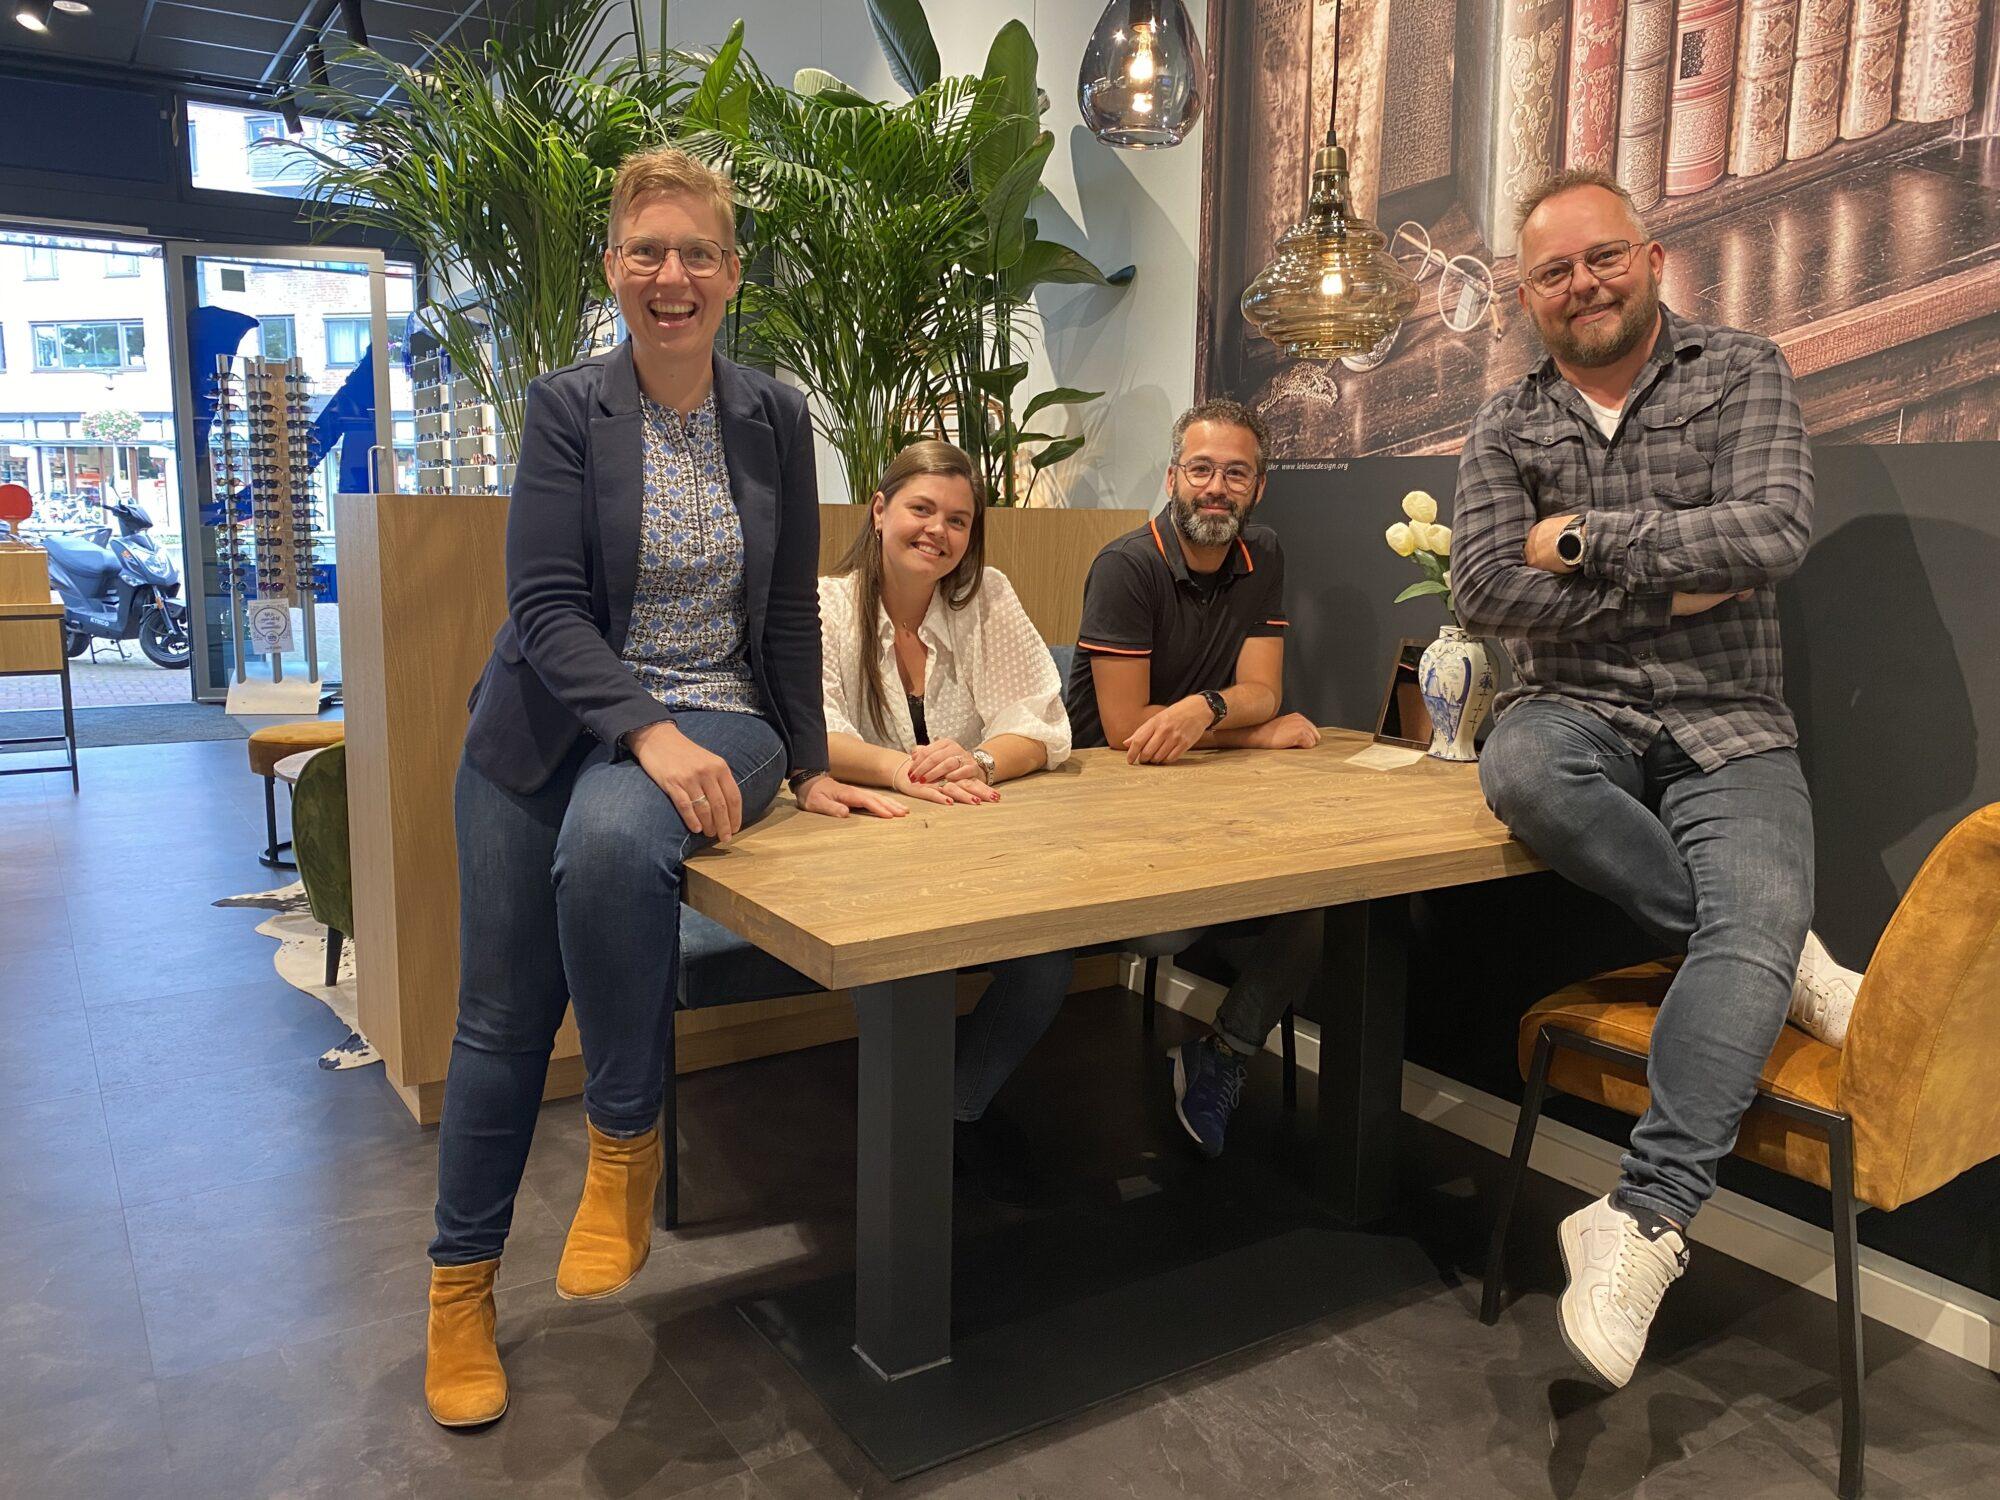 Van Wamelen Optiek: 'Oog voor klant en detail essentieel in ons gezellige team'